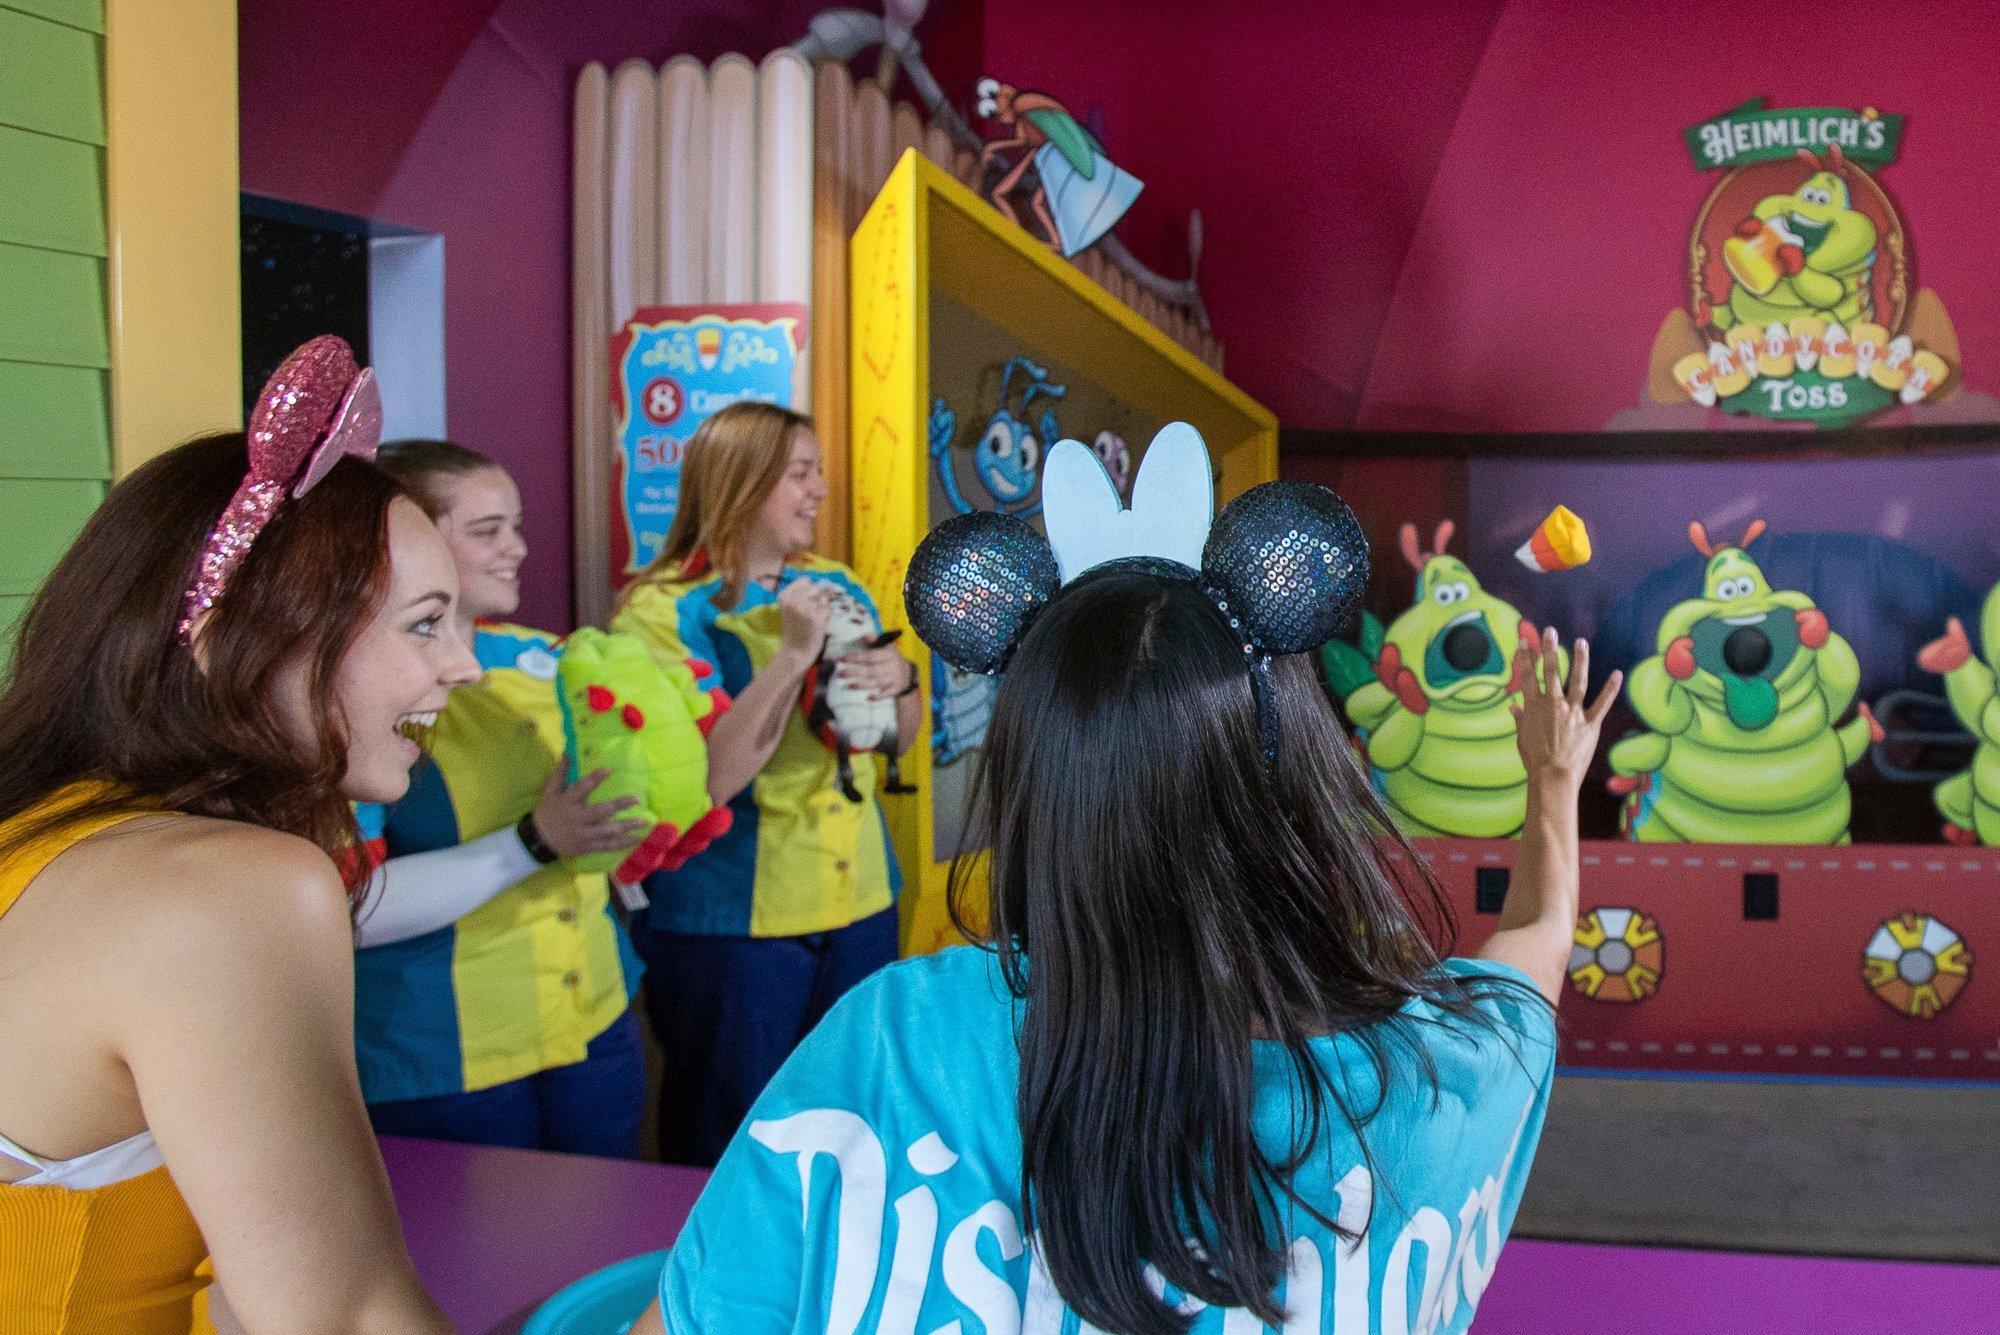 Teens playing Pixar Promenade Games at Disney California Adventure